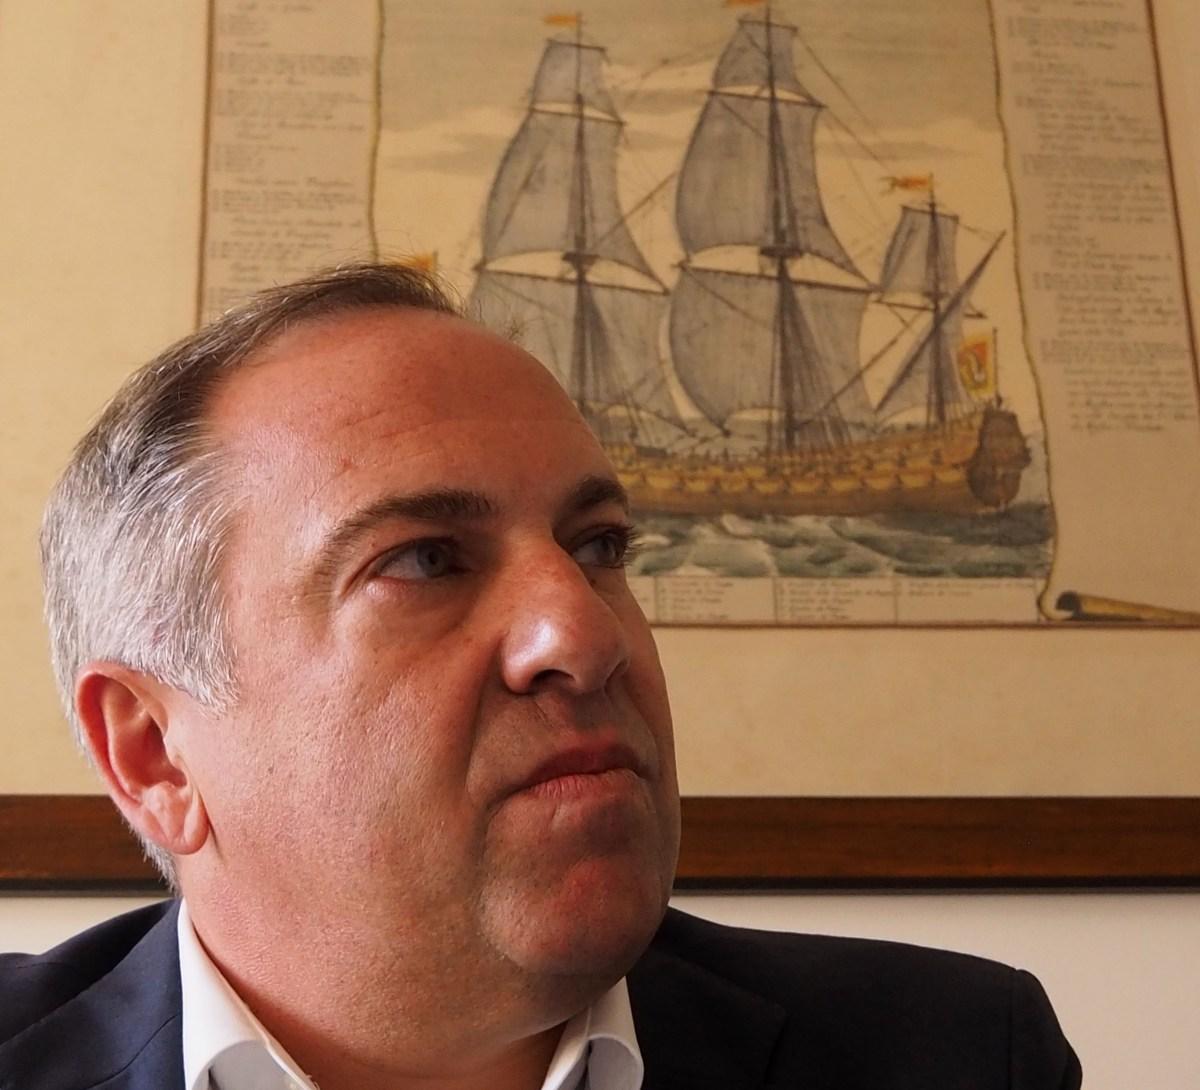 PSD-M contra retirada de cartazes, chama a polícia e prepara queixas-crime